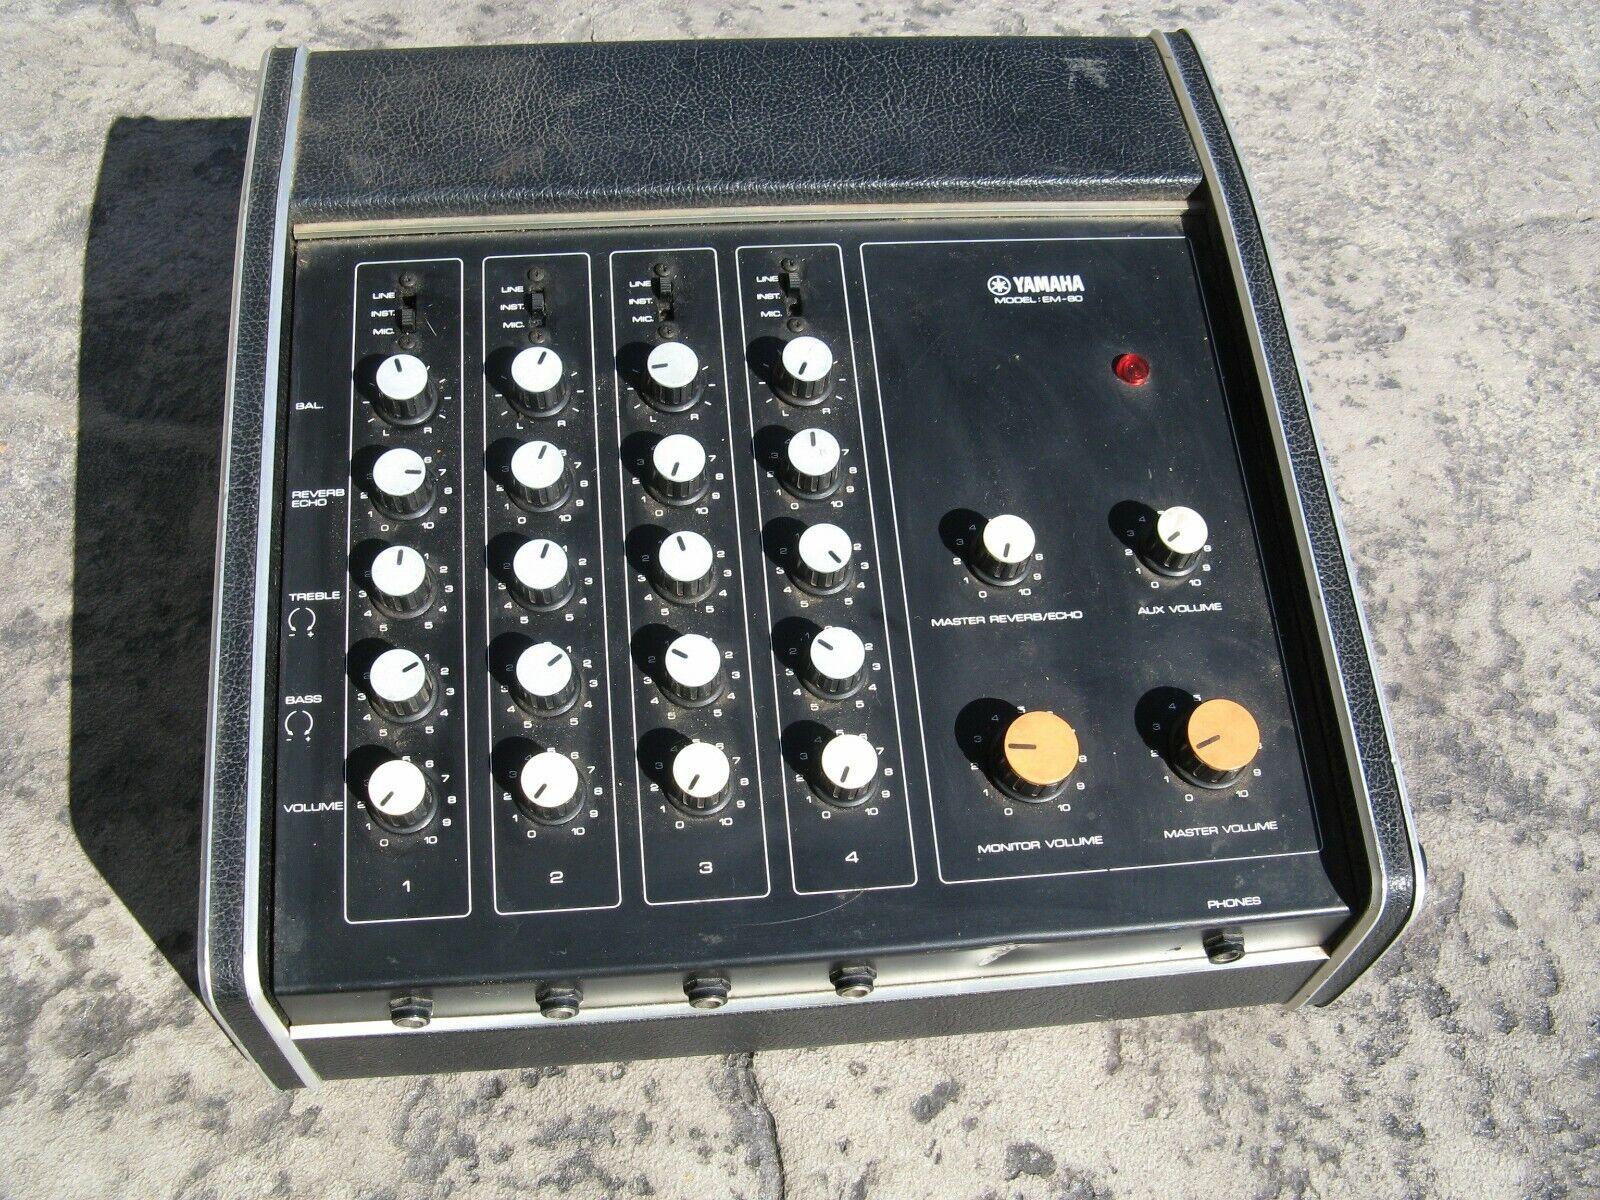 Yamaha EM-80 Mixer Bass Amp David Bowie Tim Lefebvre Needs Work